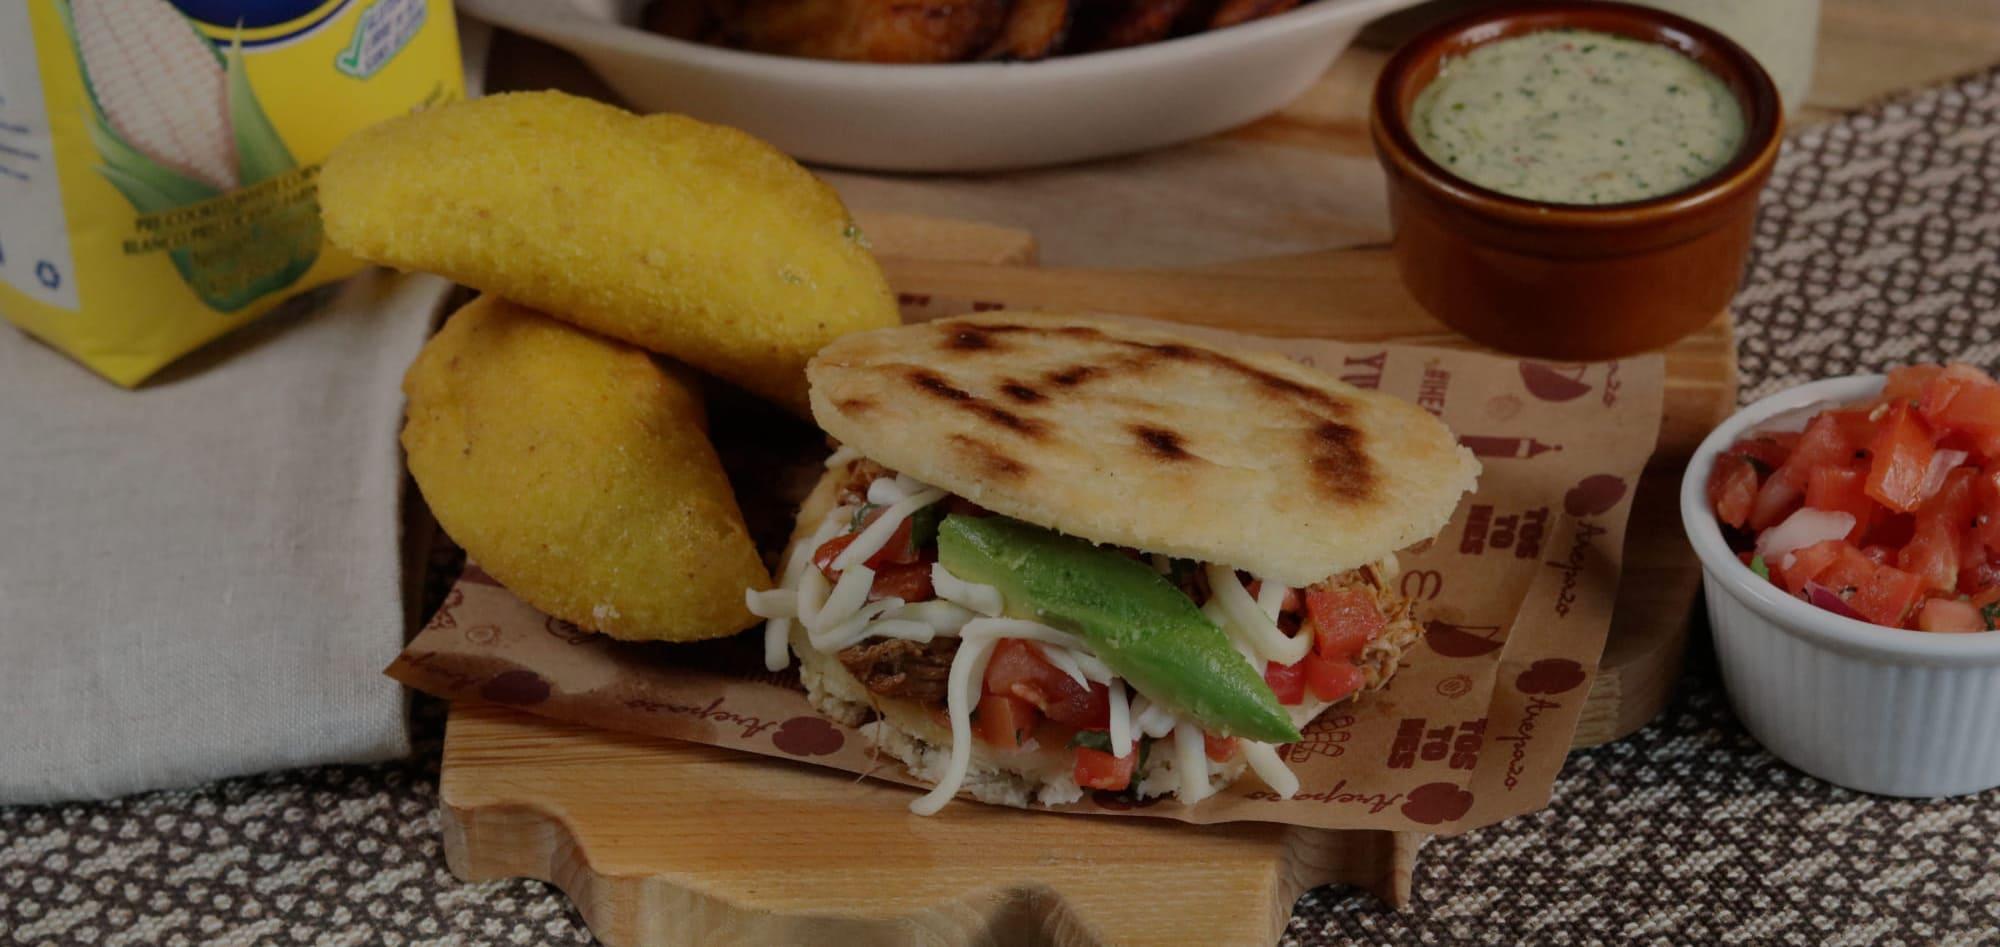 empanadas & Arepas image